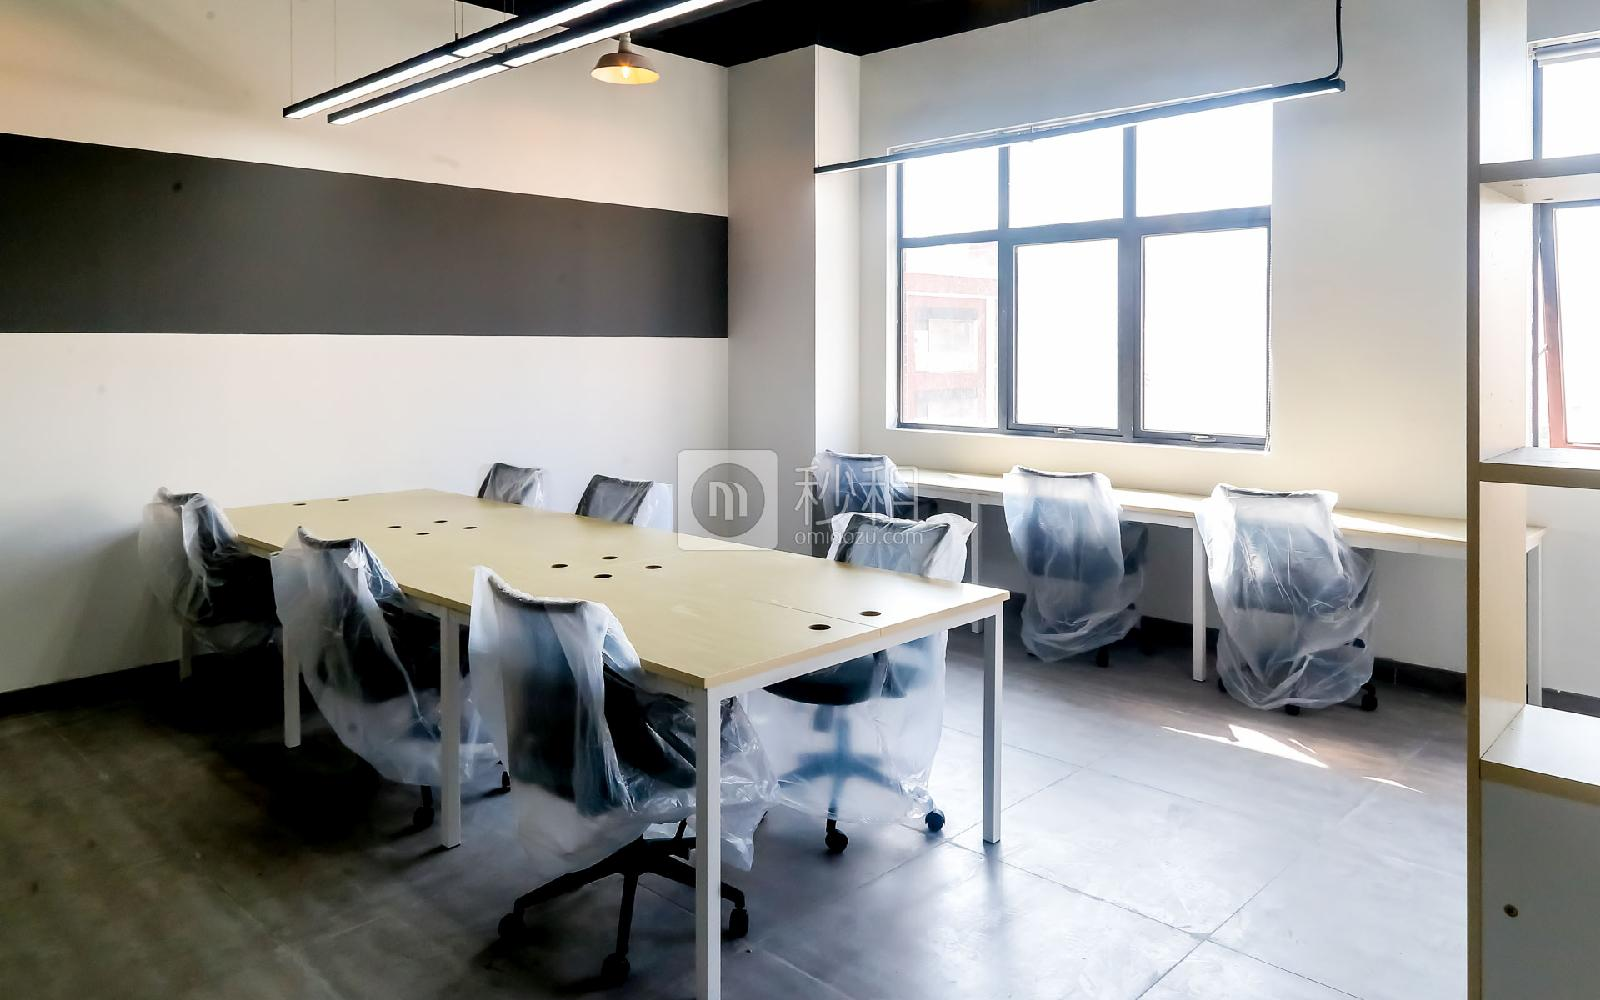 硅谷大院写字楼出租123平米精装办公室15380元/间.月